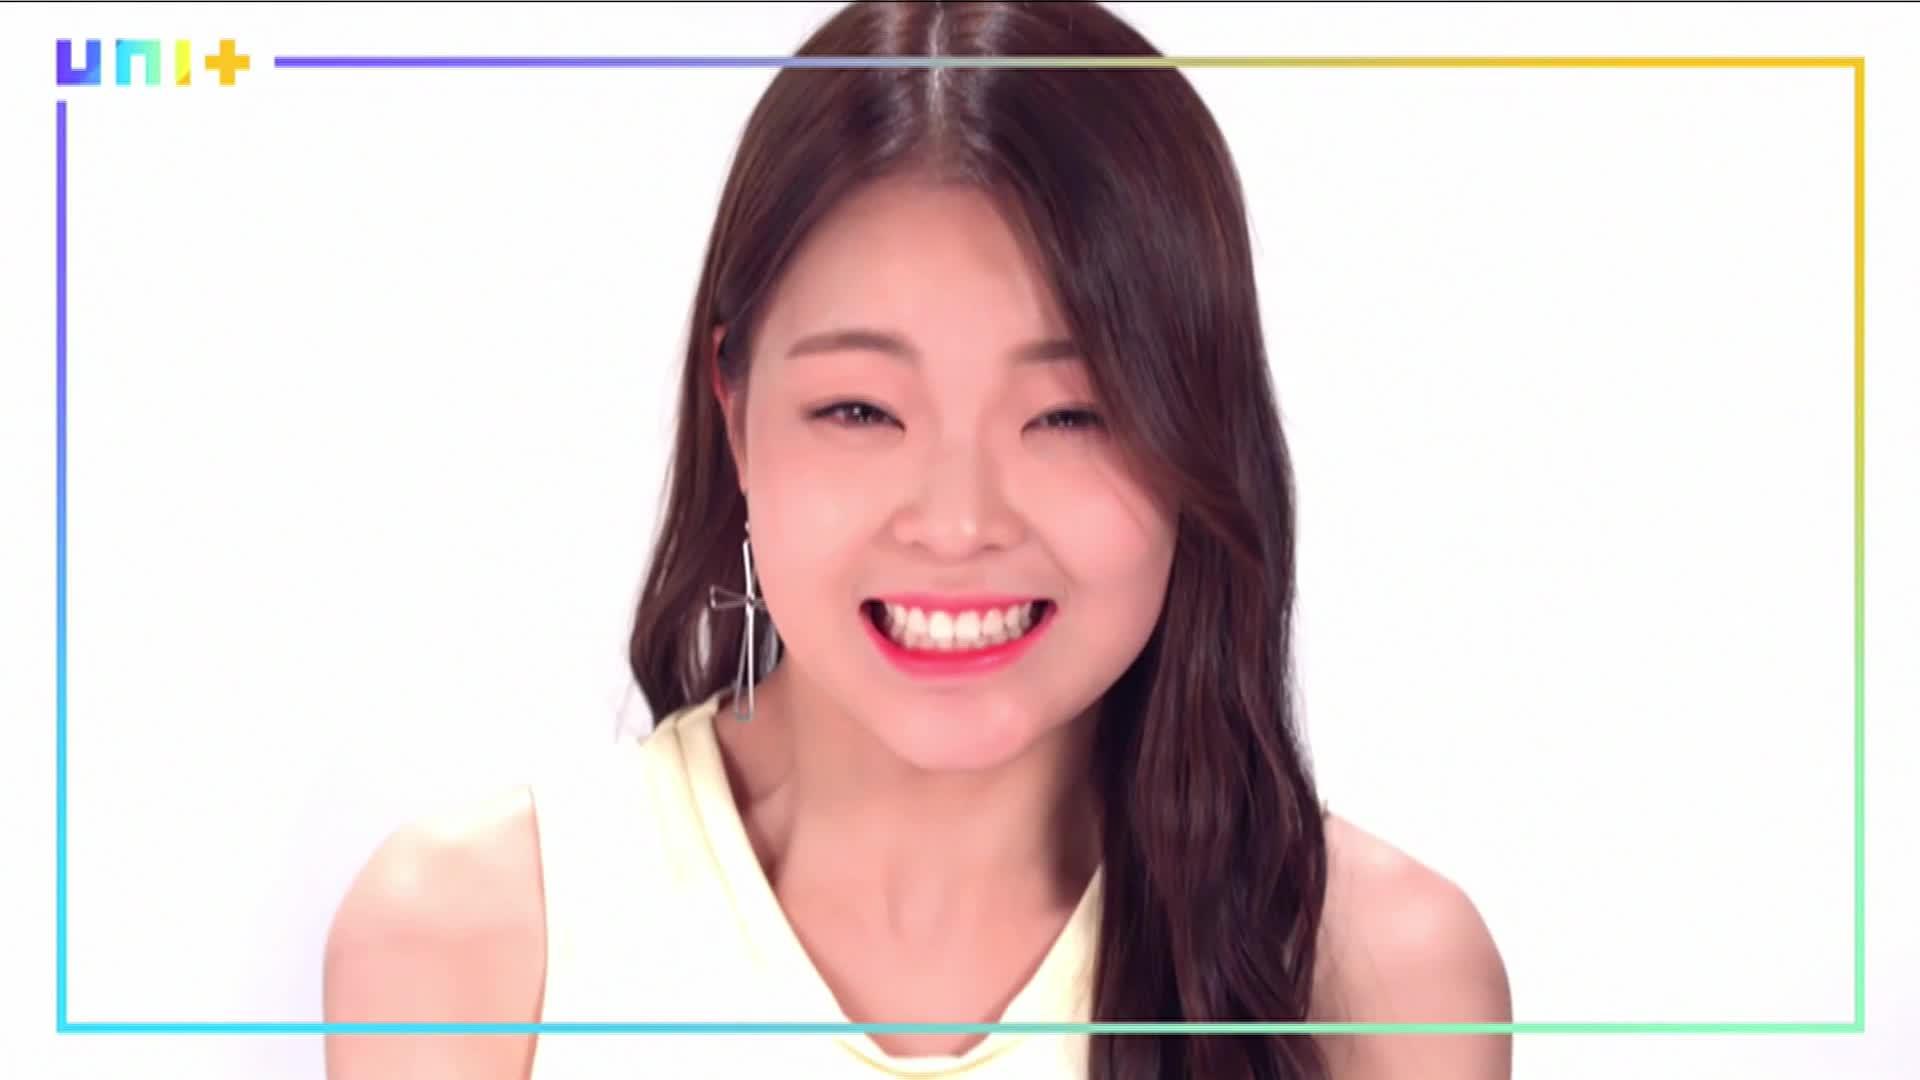 [더 유닛] 슈퍼슬로우 개인별 티저 08 (The Unit - Superslow individual teaser 08)